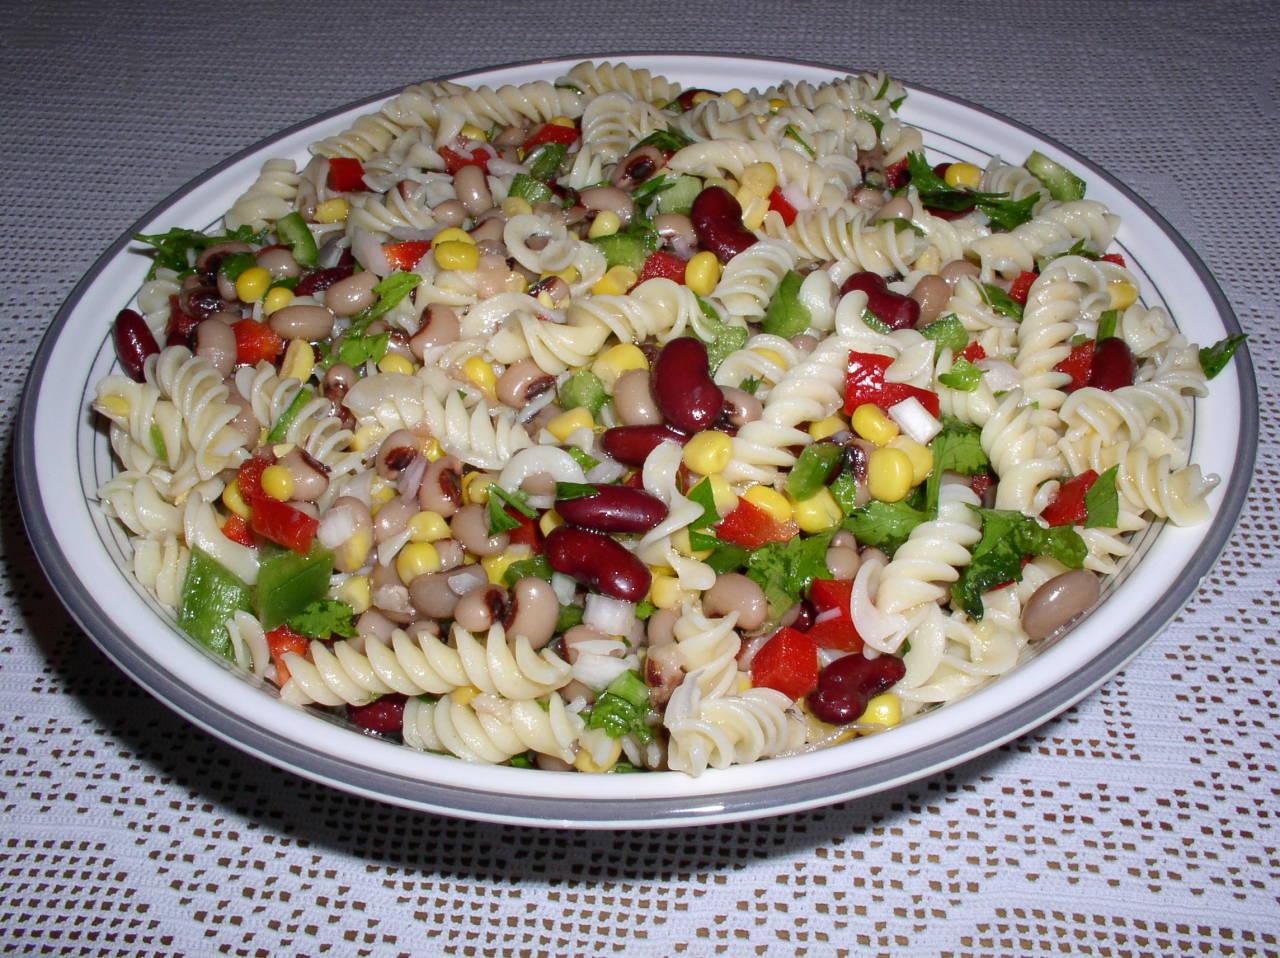 Σαλάτα με φρέσκα λαχανικά και  Βίδες